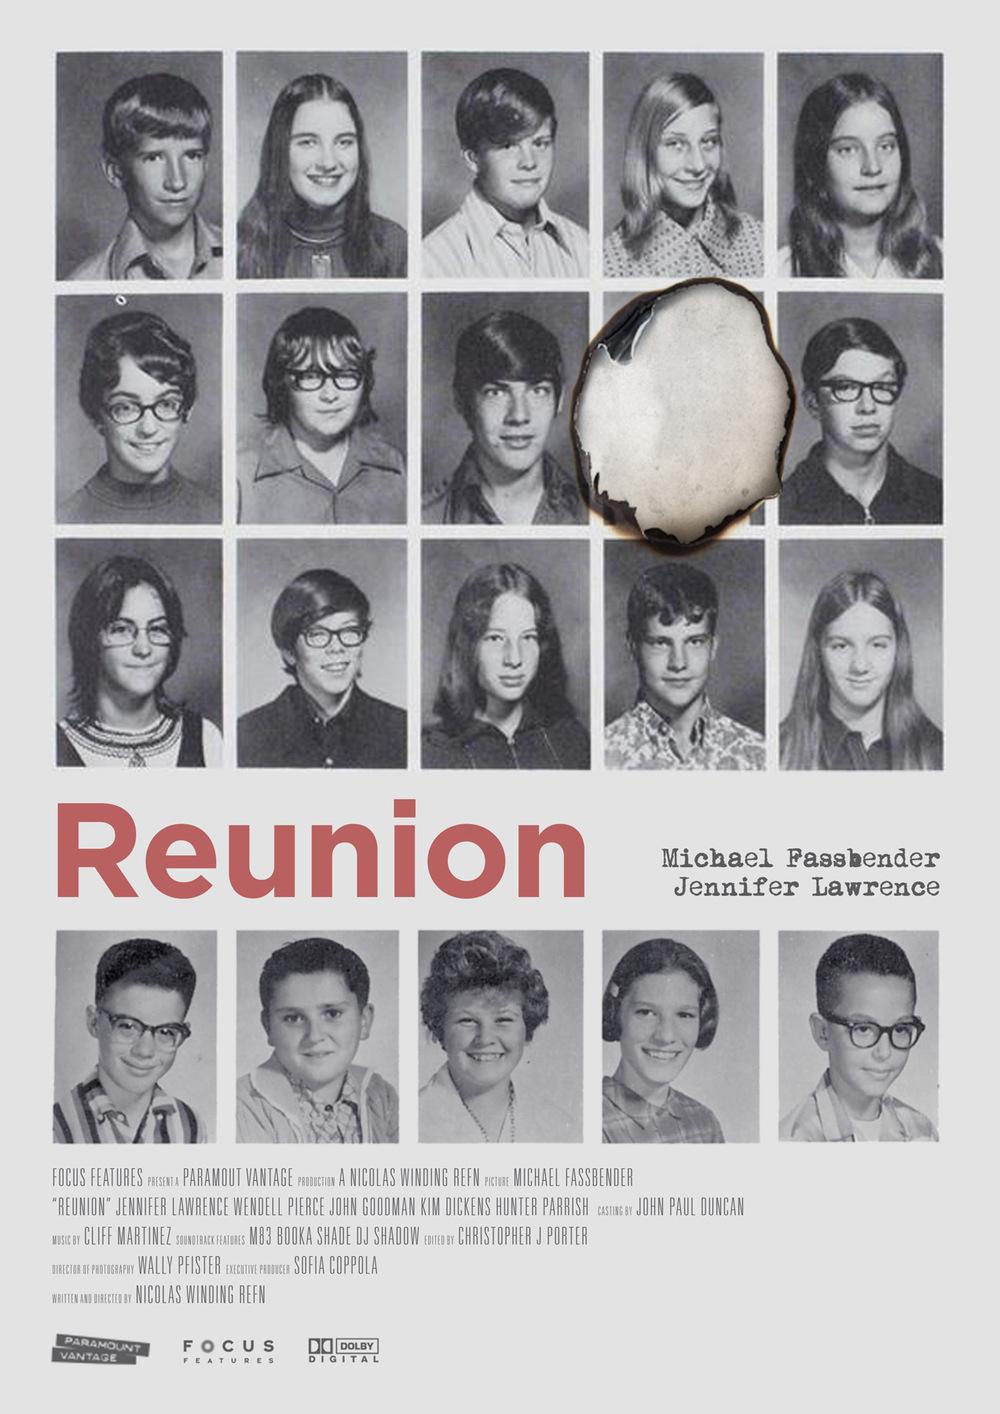 ReunionPoster.jpg